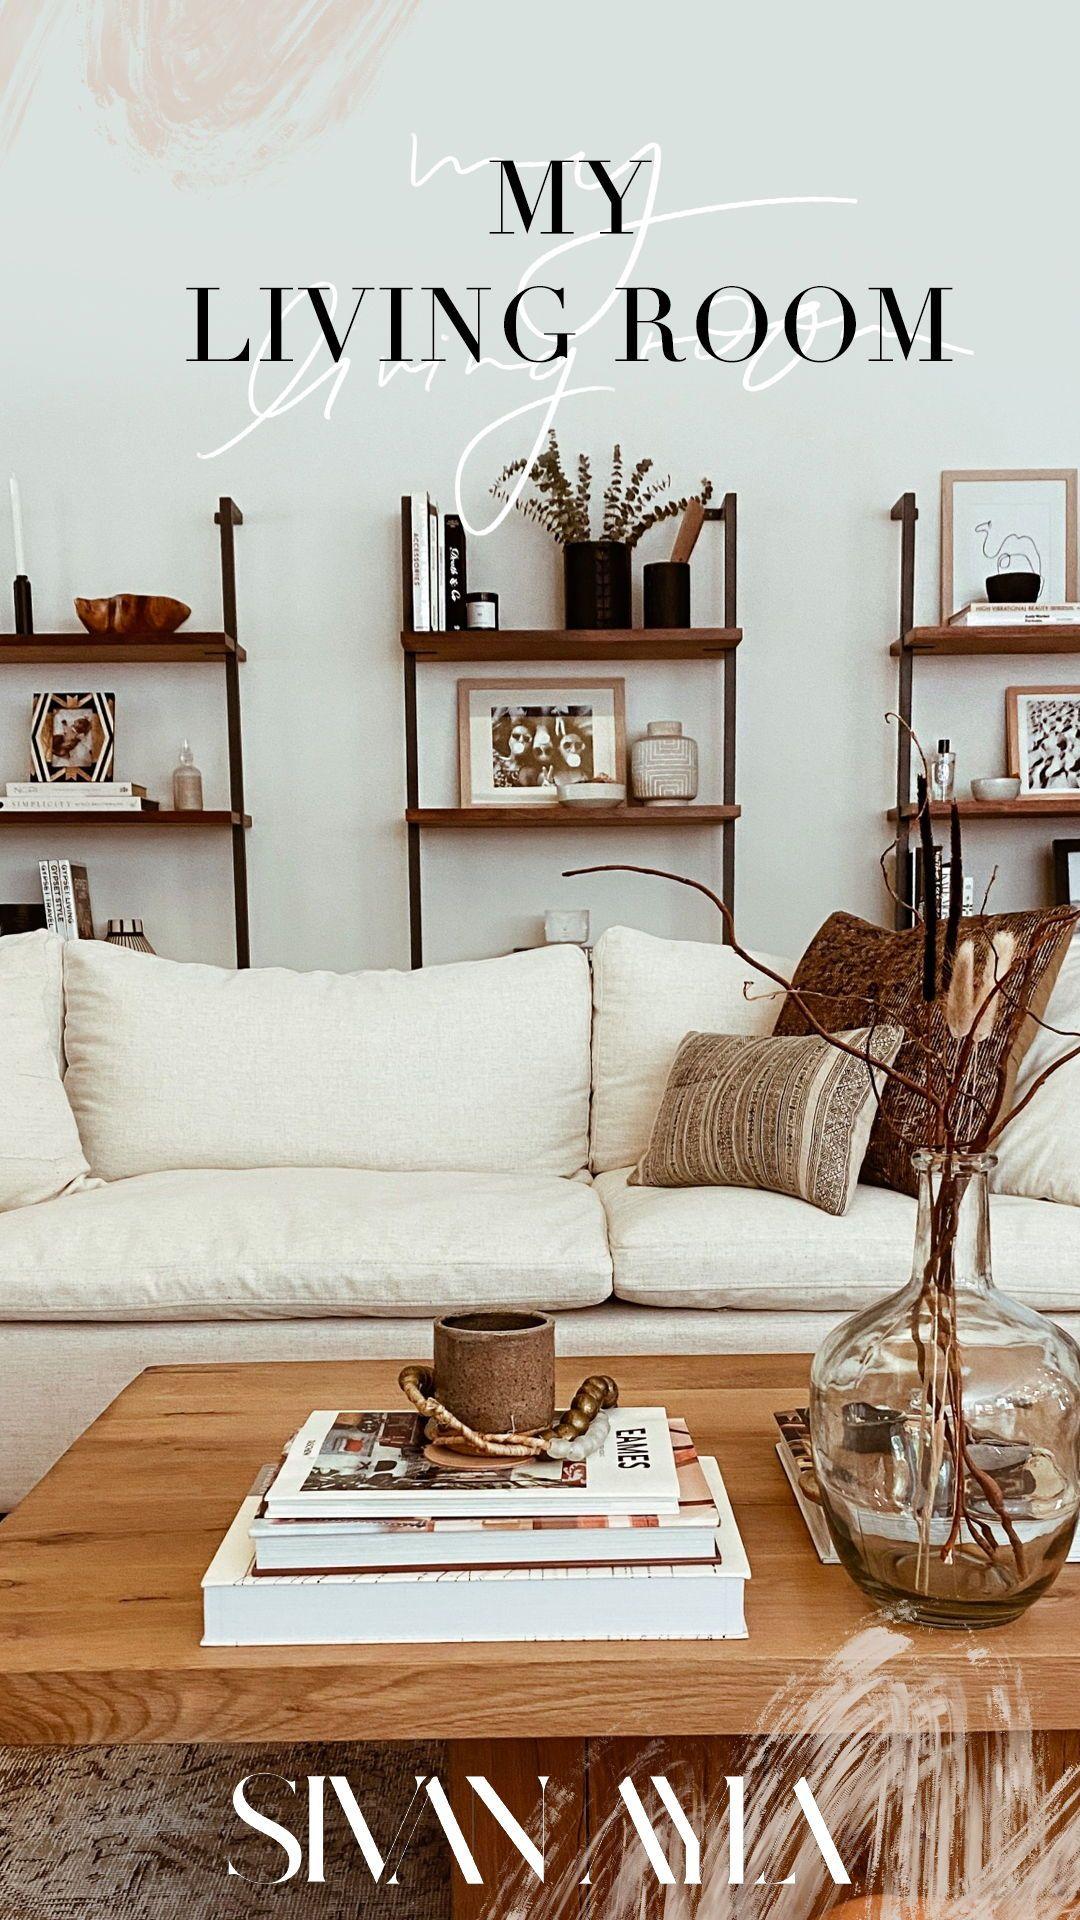 My Living Room | Sivan Ayla #modernboho #homedecor #livingroomdecor #interiors